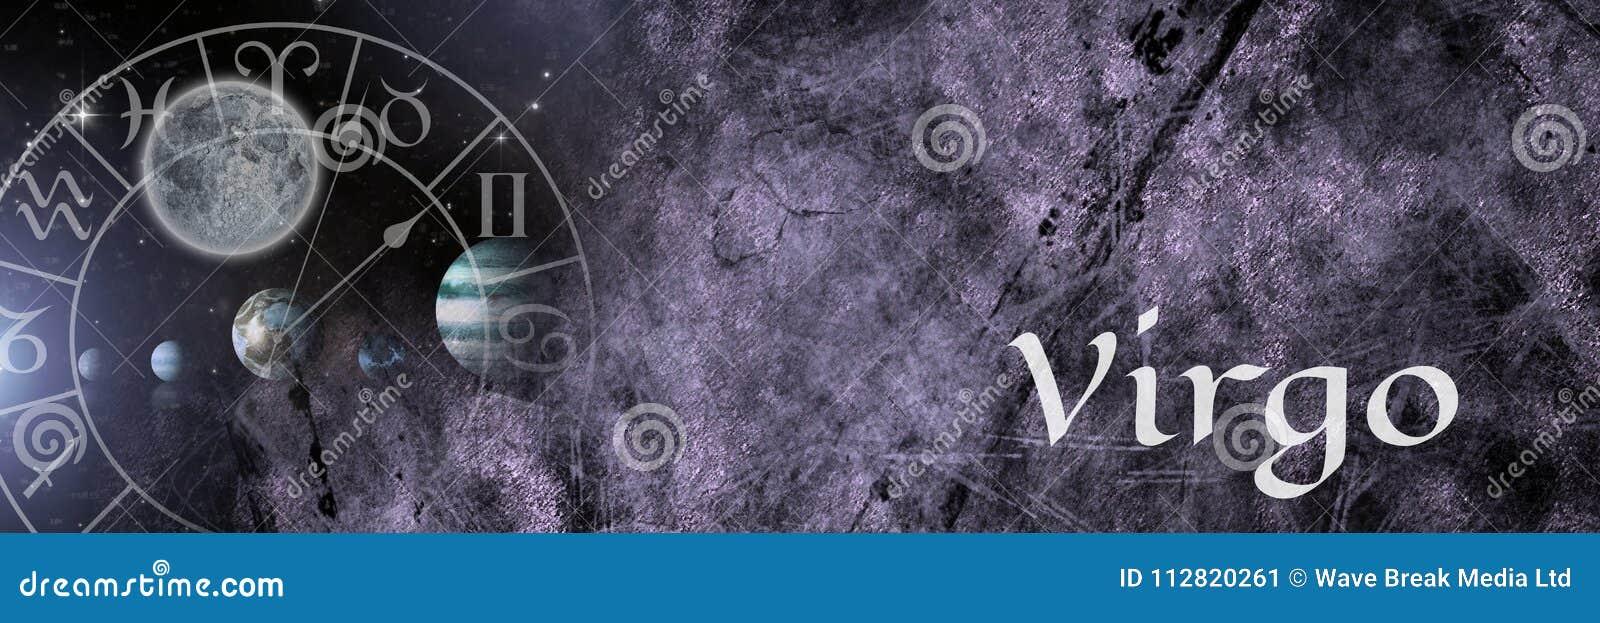 Астрология зодиака Virgo мистическая